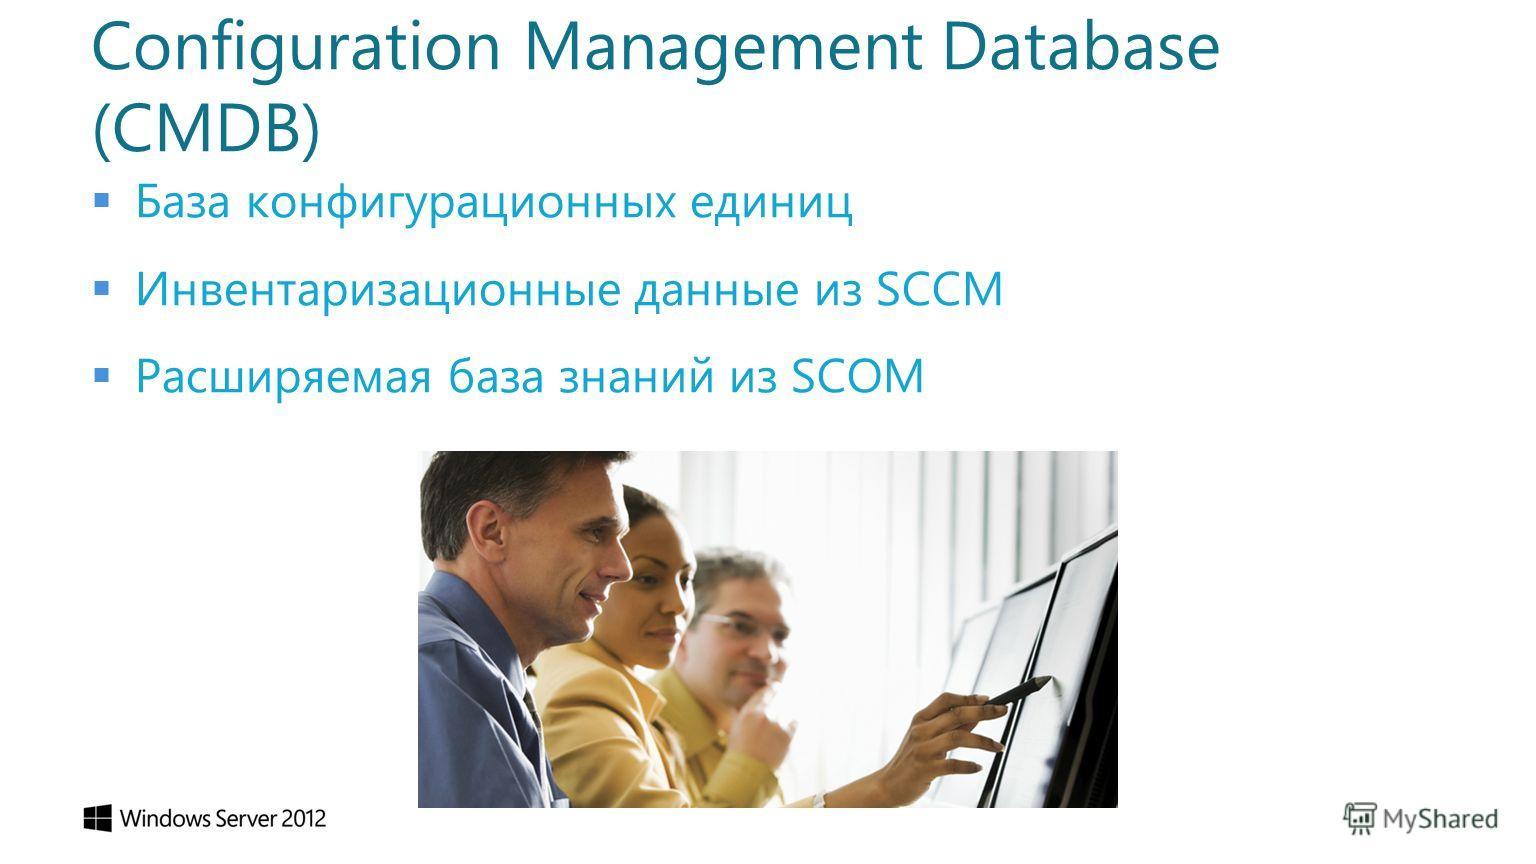 Configuration Management Database (CMDB) База конфигурационных единиц Инвентаризационные данные из SCCM Расширяемая база знаний из SCOM